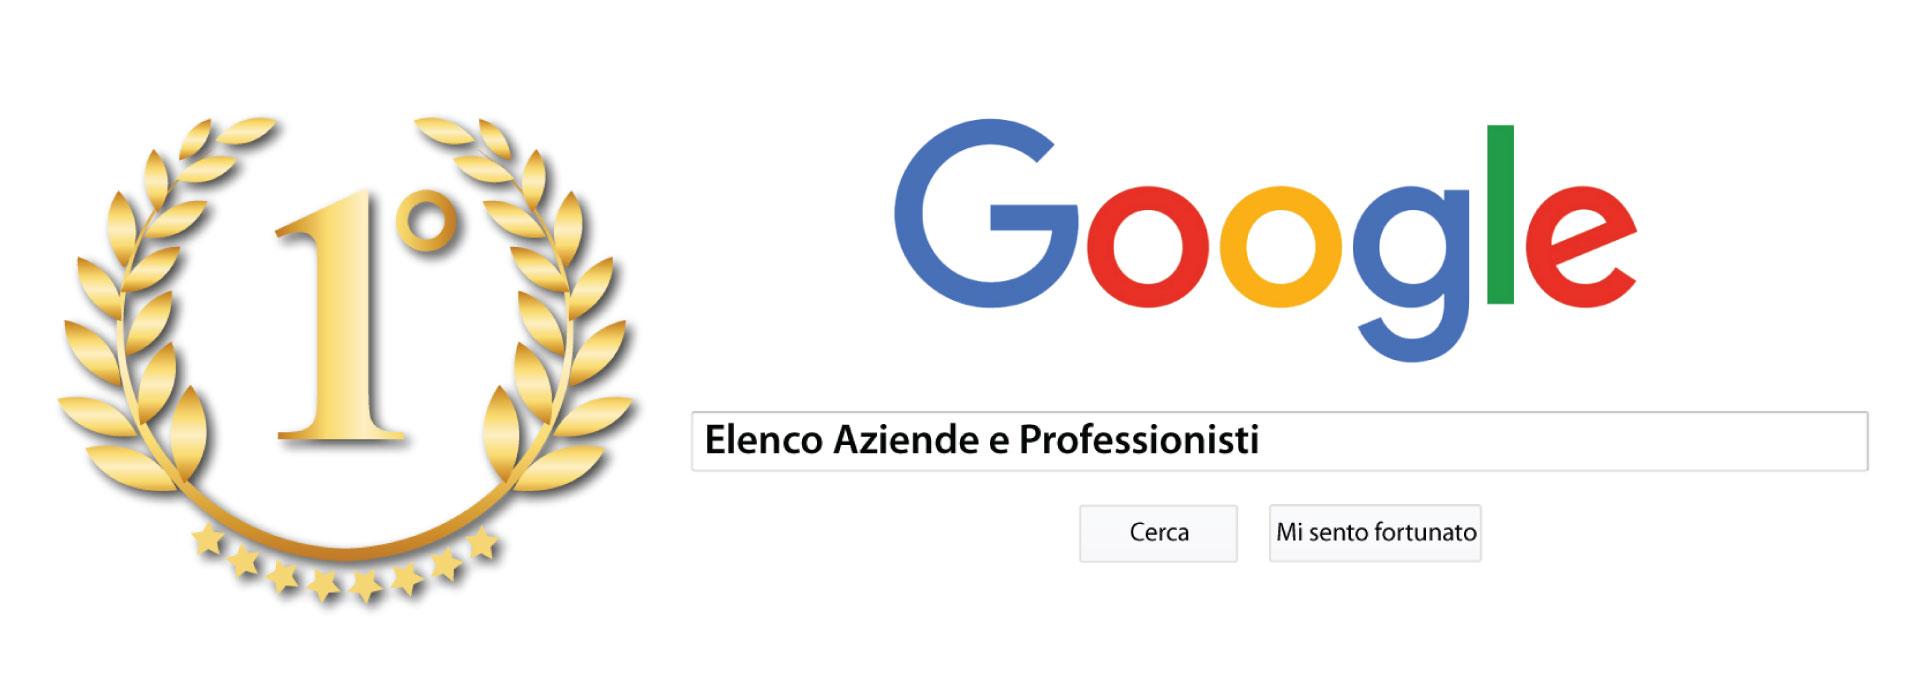 Holen Sie sich auf Google